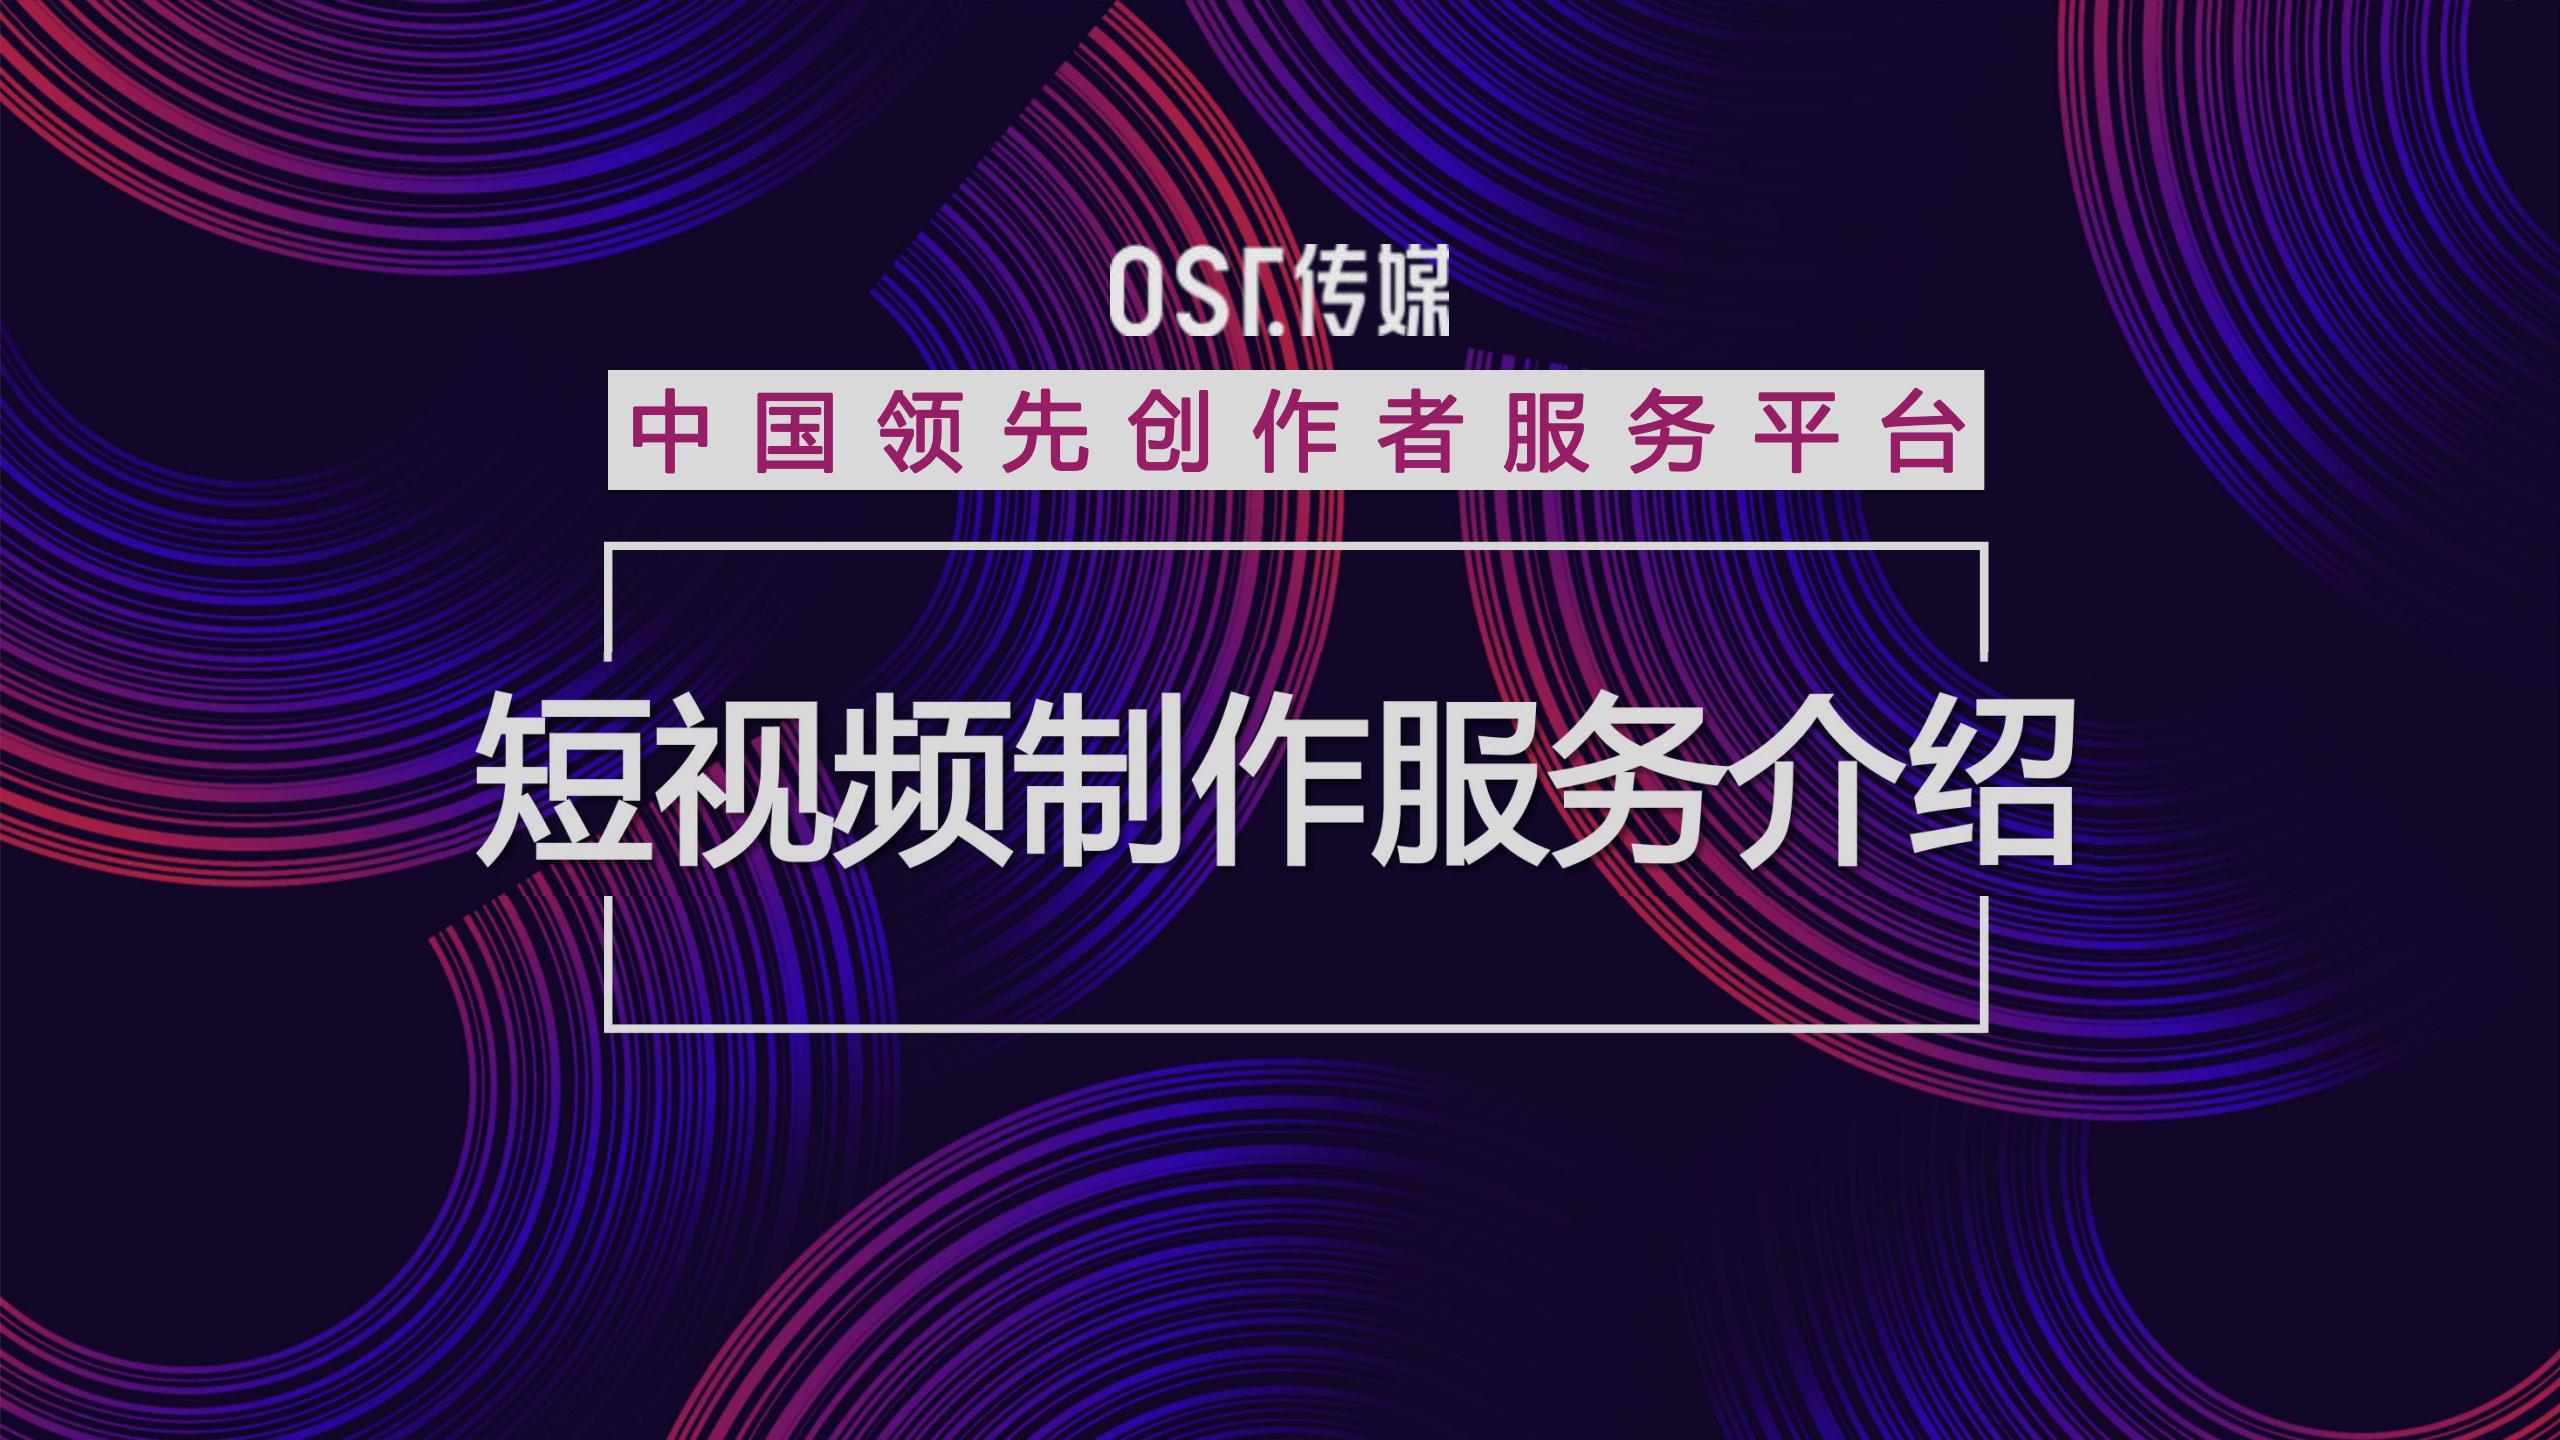 OST传媒短视频服务介绍第1张